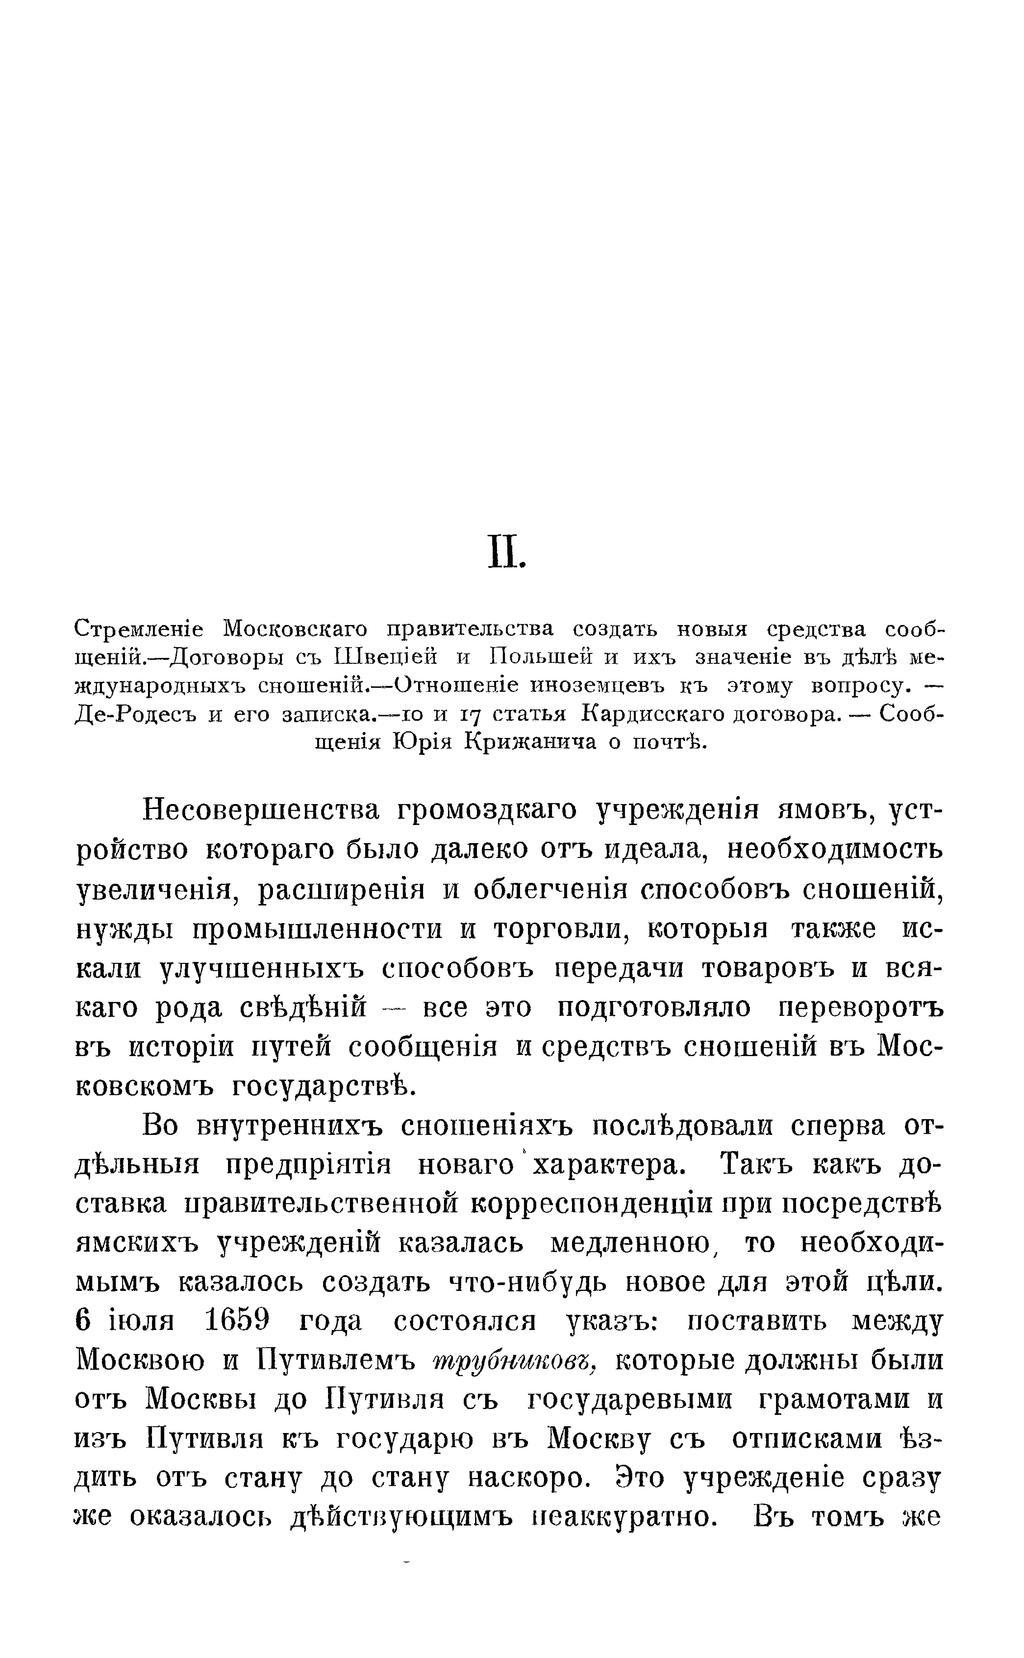 ... от Москвы до Путивля с государевыми грамотами и из Путивля к государю в  Москву с отписками ездить от стану до стану наскоро. ebfc513b6229d